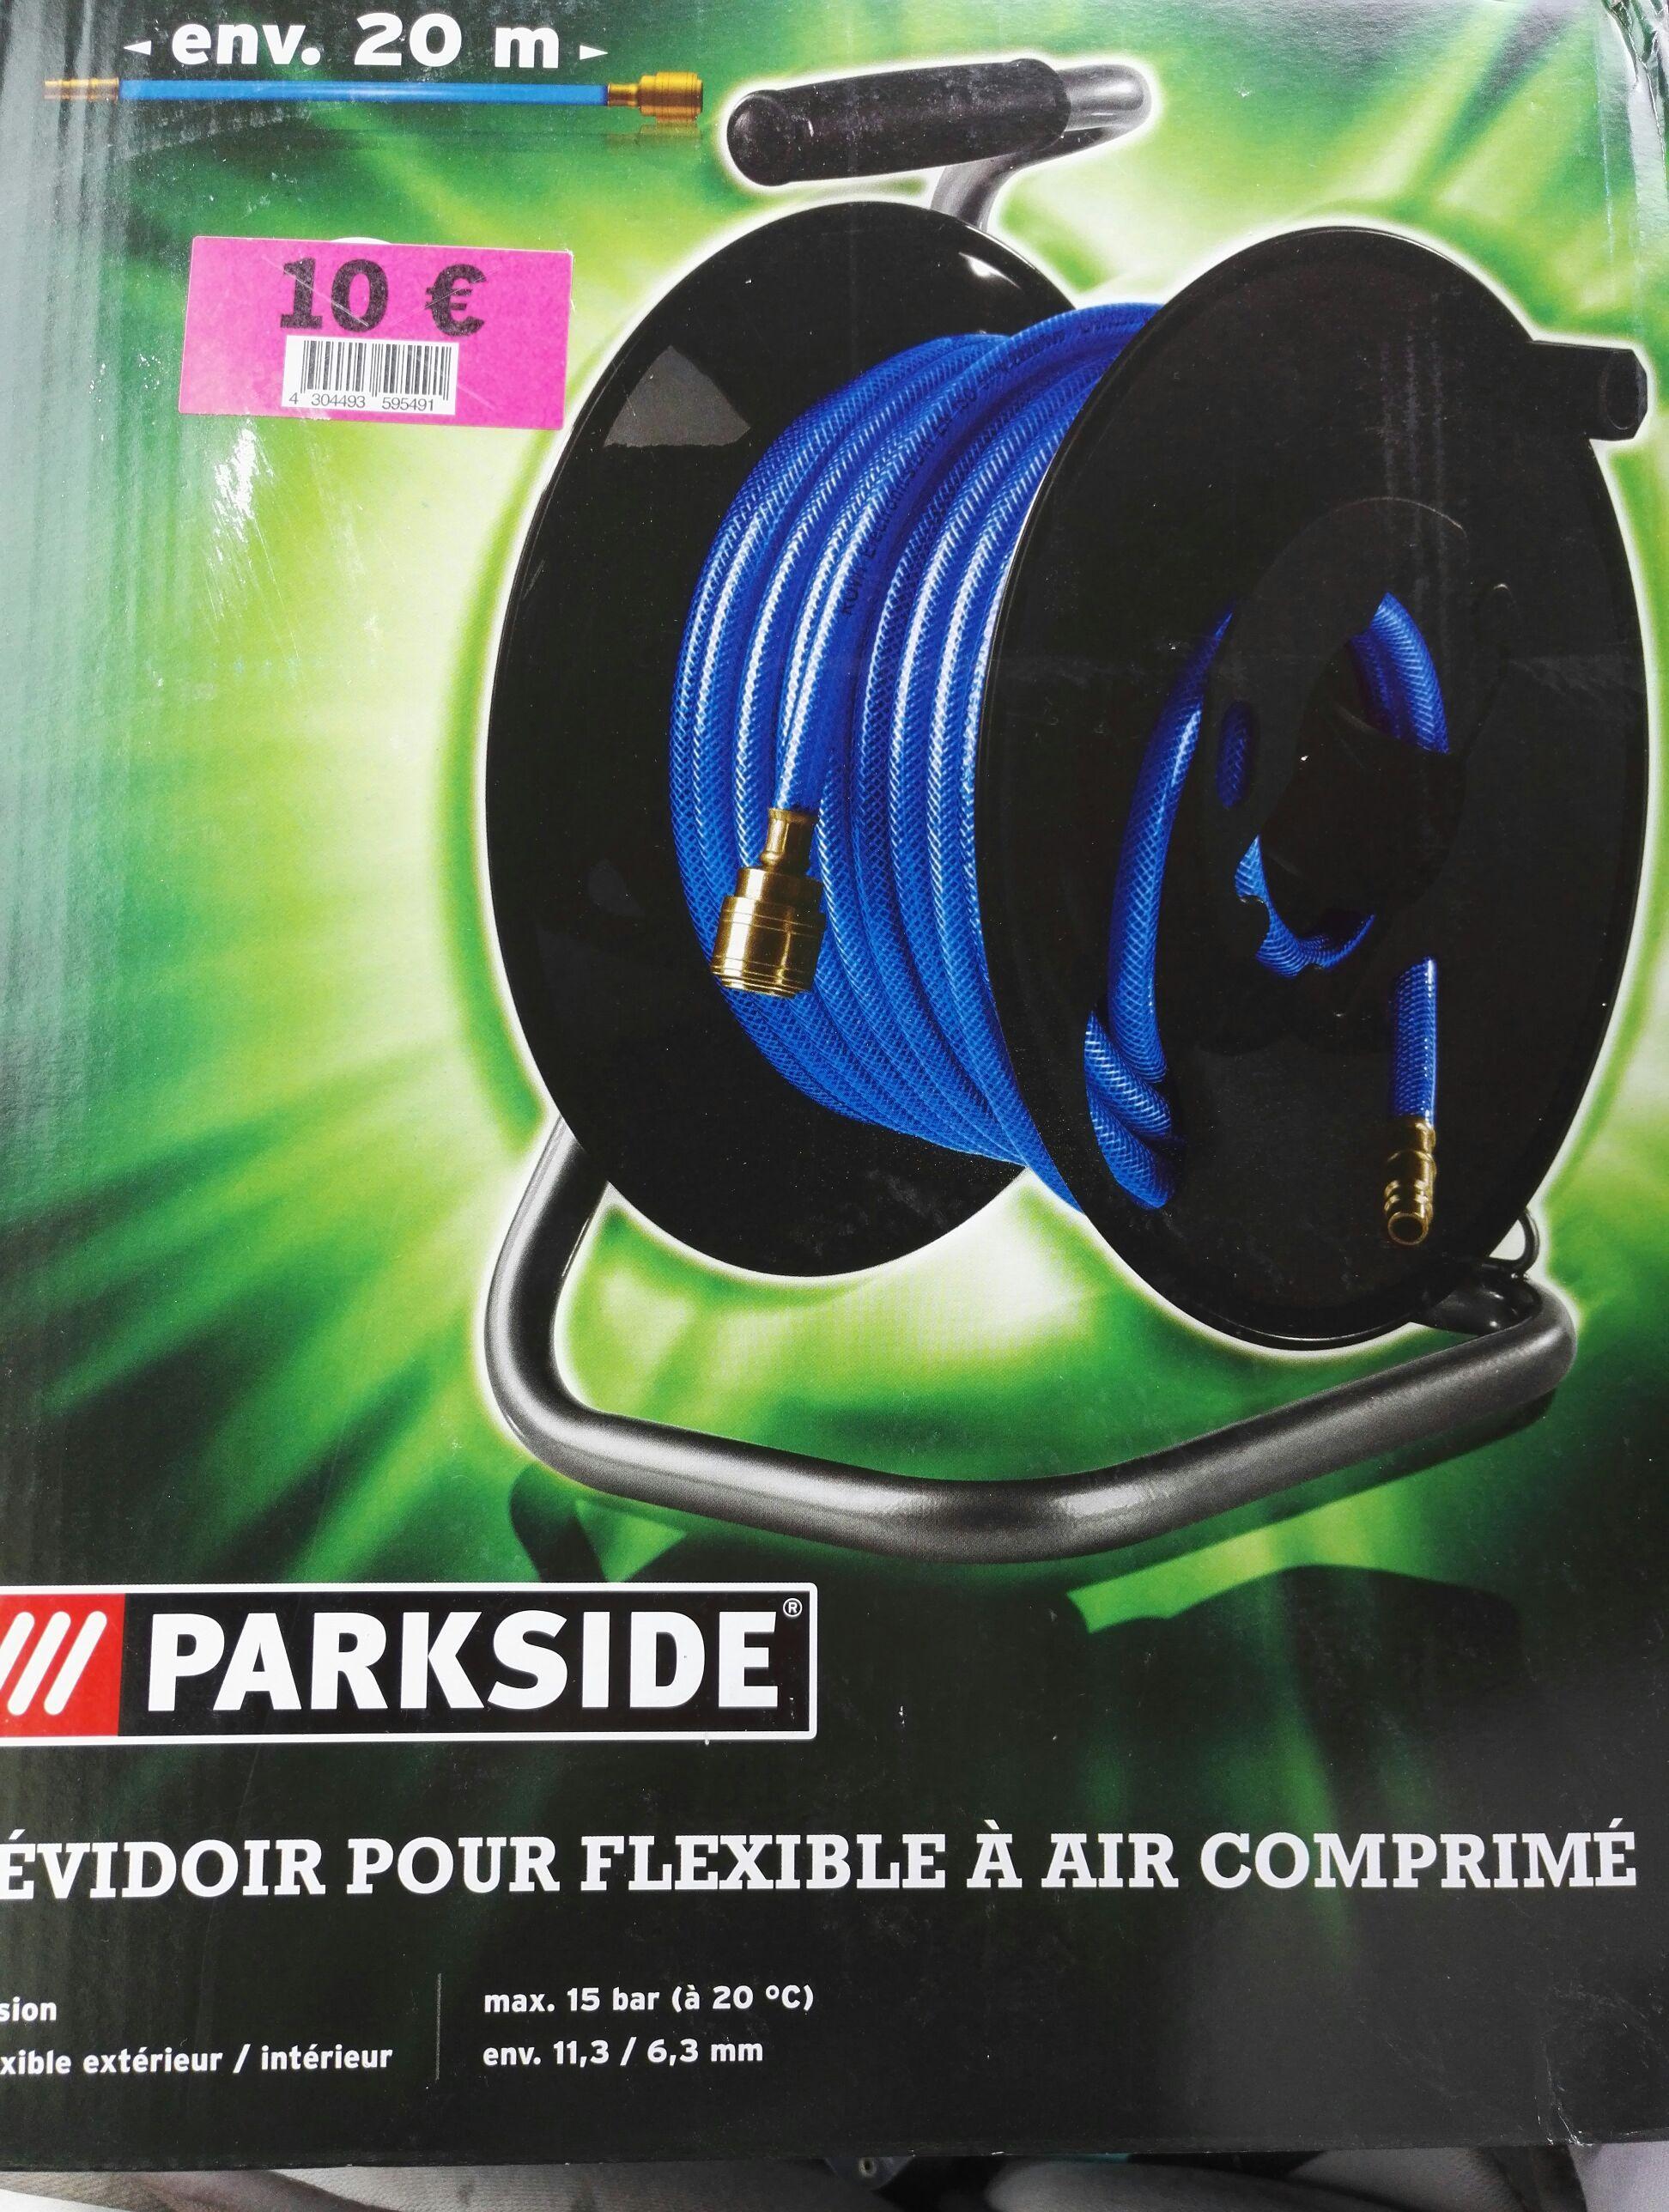 Dévidoir à air comprimé ParkSide (20 m)